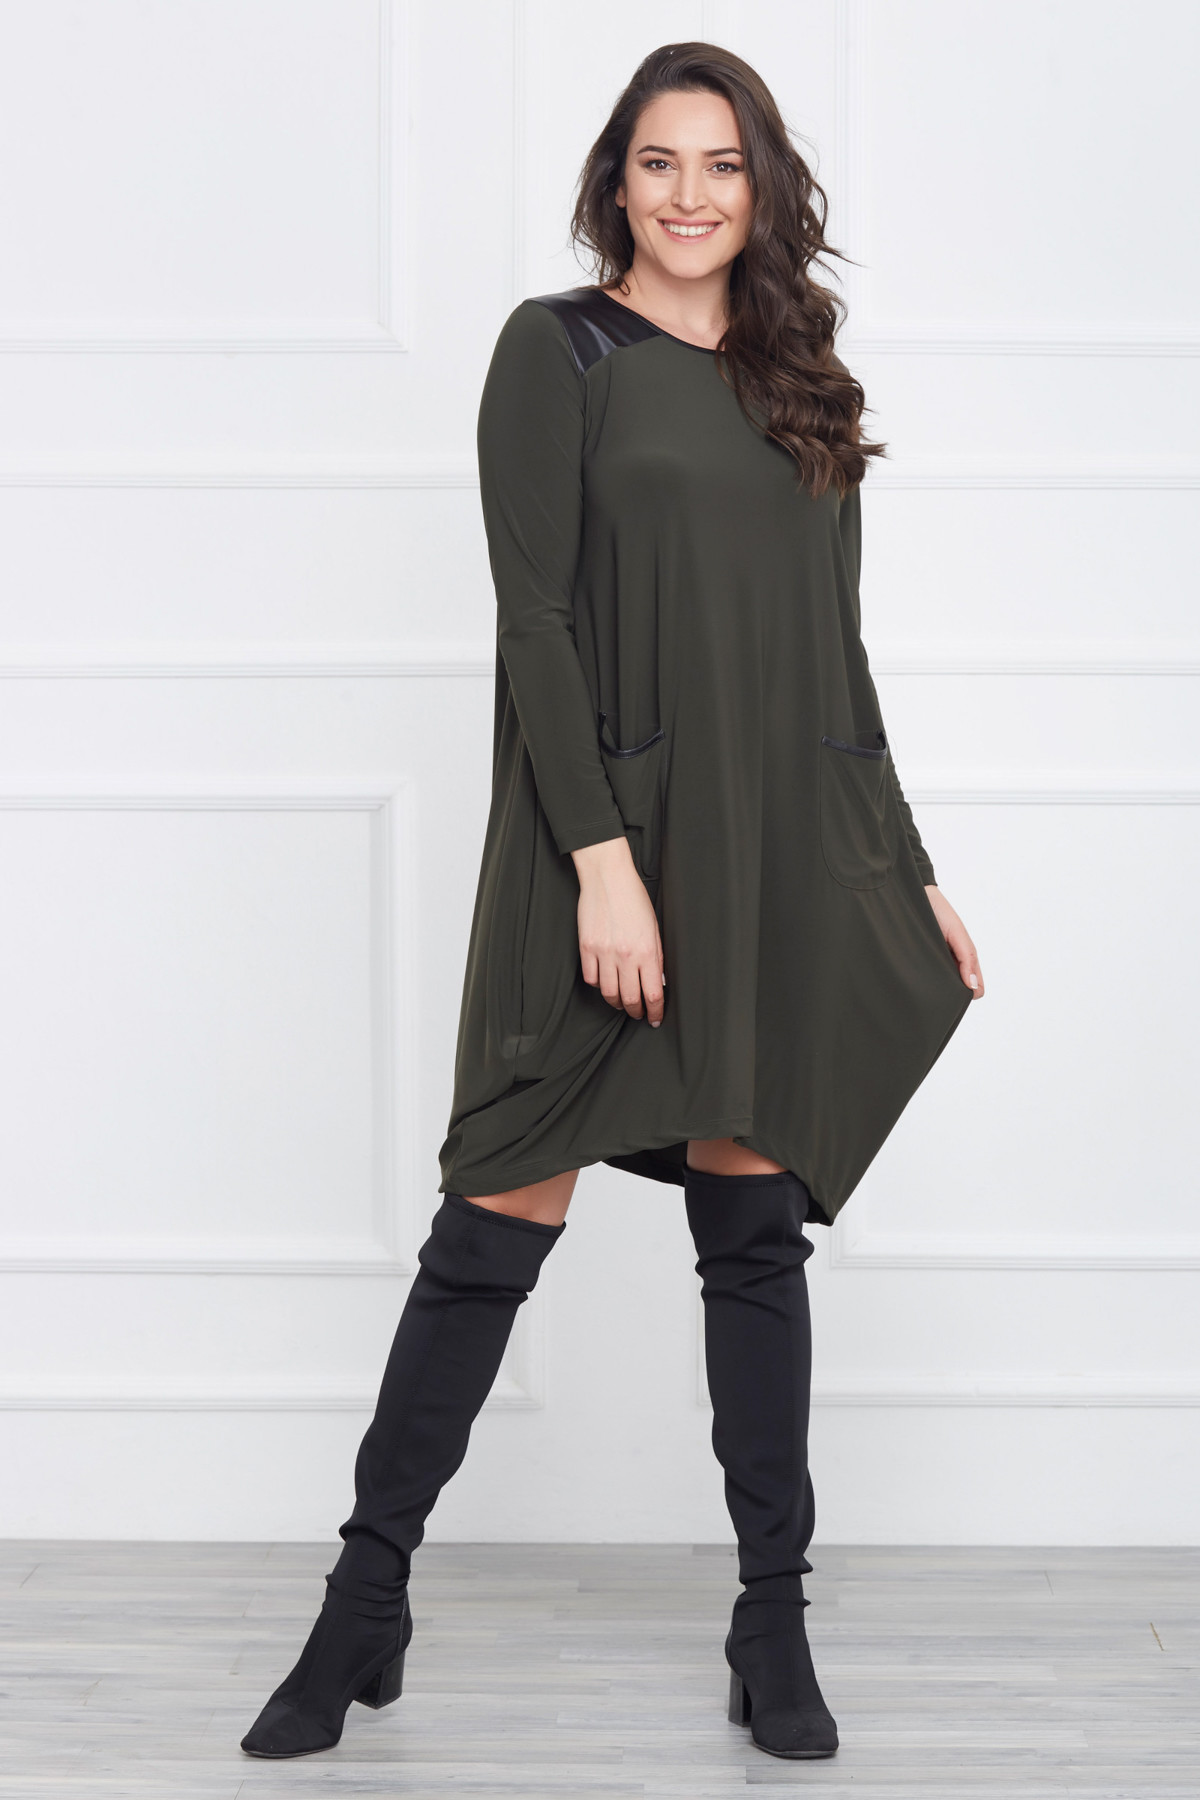 Laranor Kadın Yeşil Deri Detaylı Asimetrik Kesim Elbise 17LB9023 1